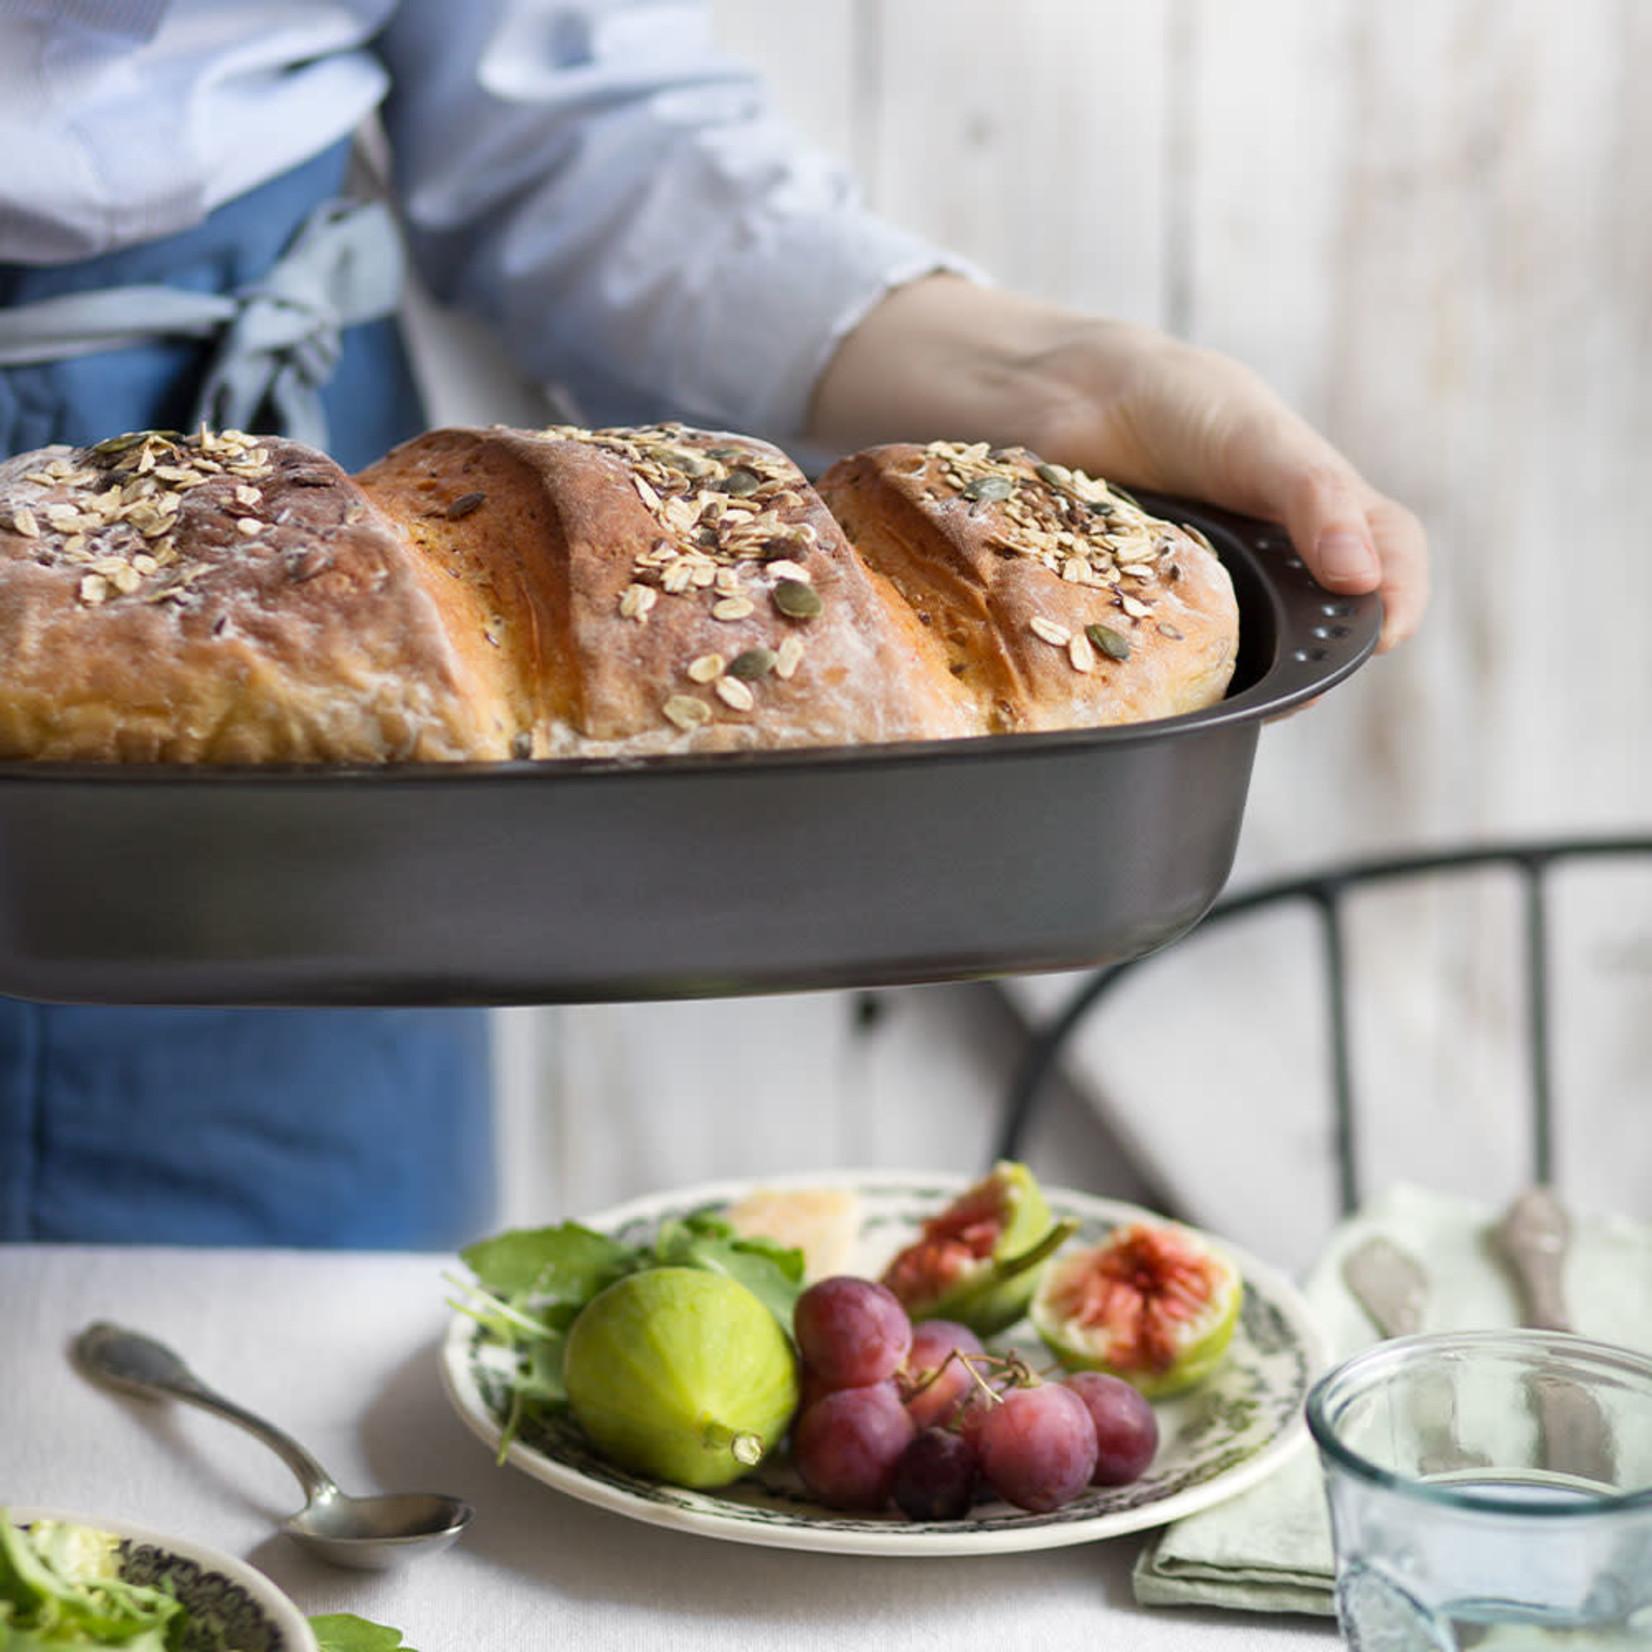 Decora Broodbakvorm/ovenschaal met antikleeflaag 37x20cm  /6